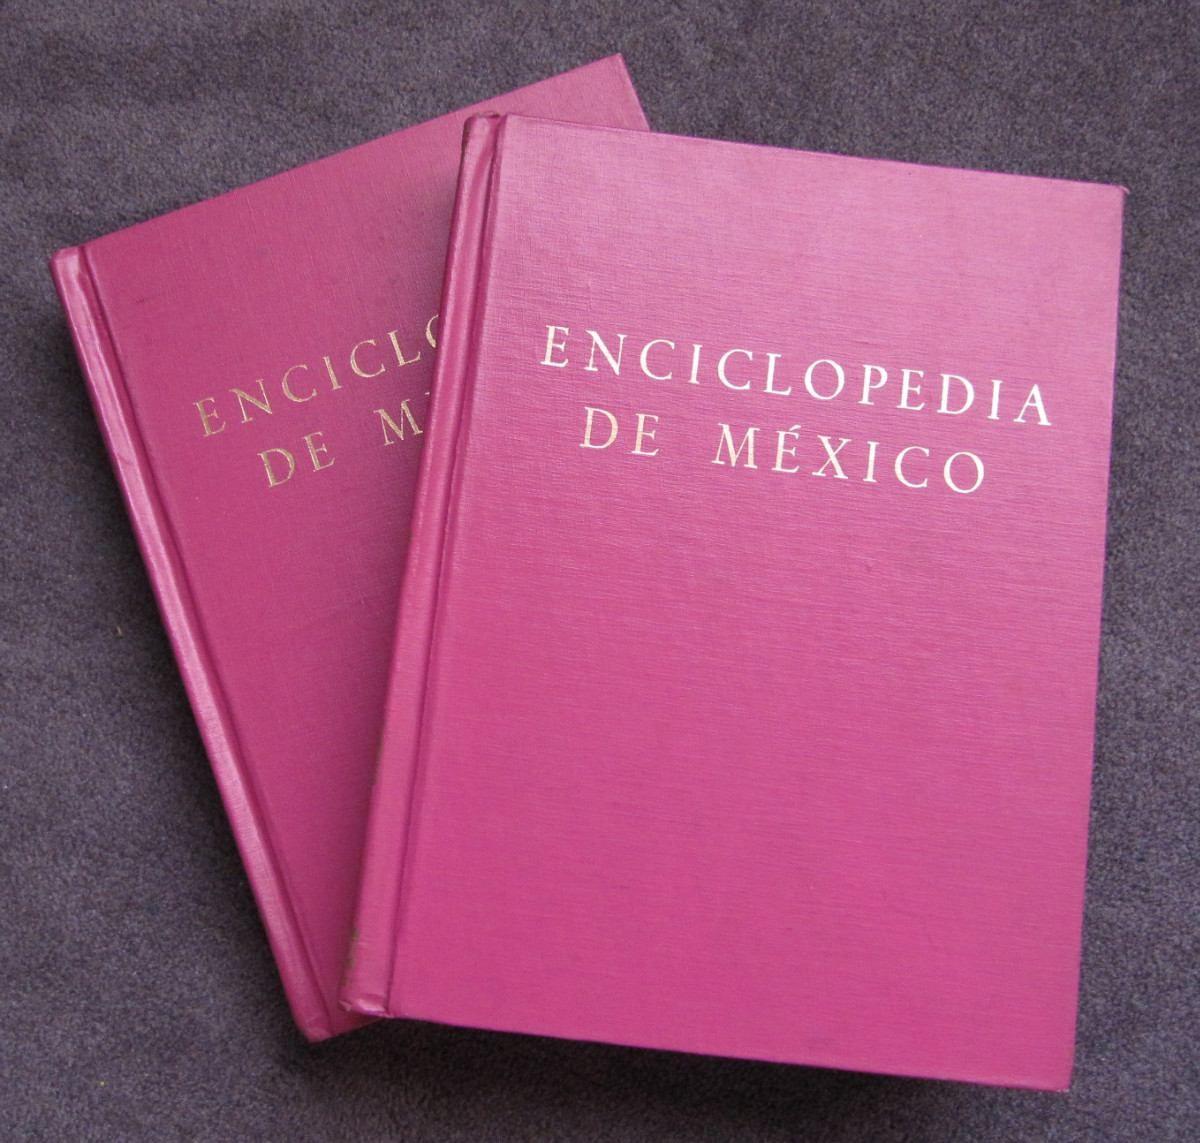 Libros Enciclopedia De Mexico 2 Tomos Remate Oferta Mmy